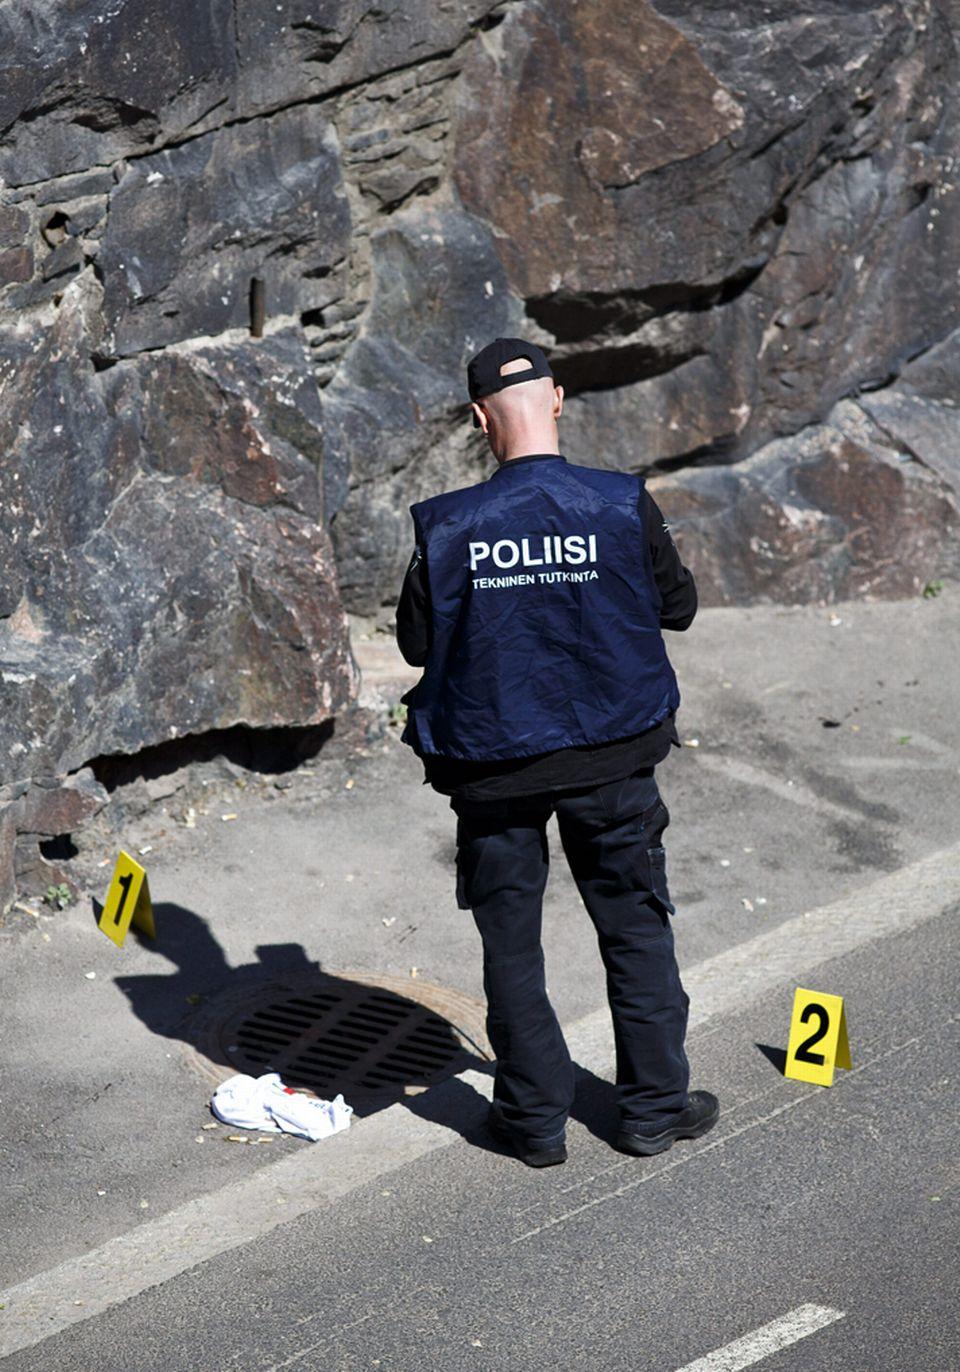 Poliisi Jämsä